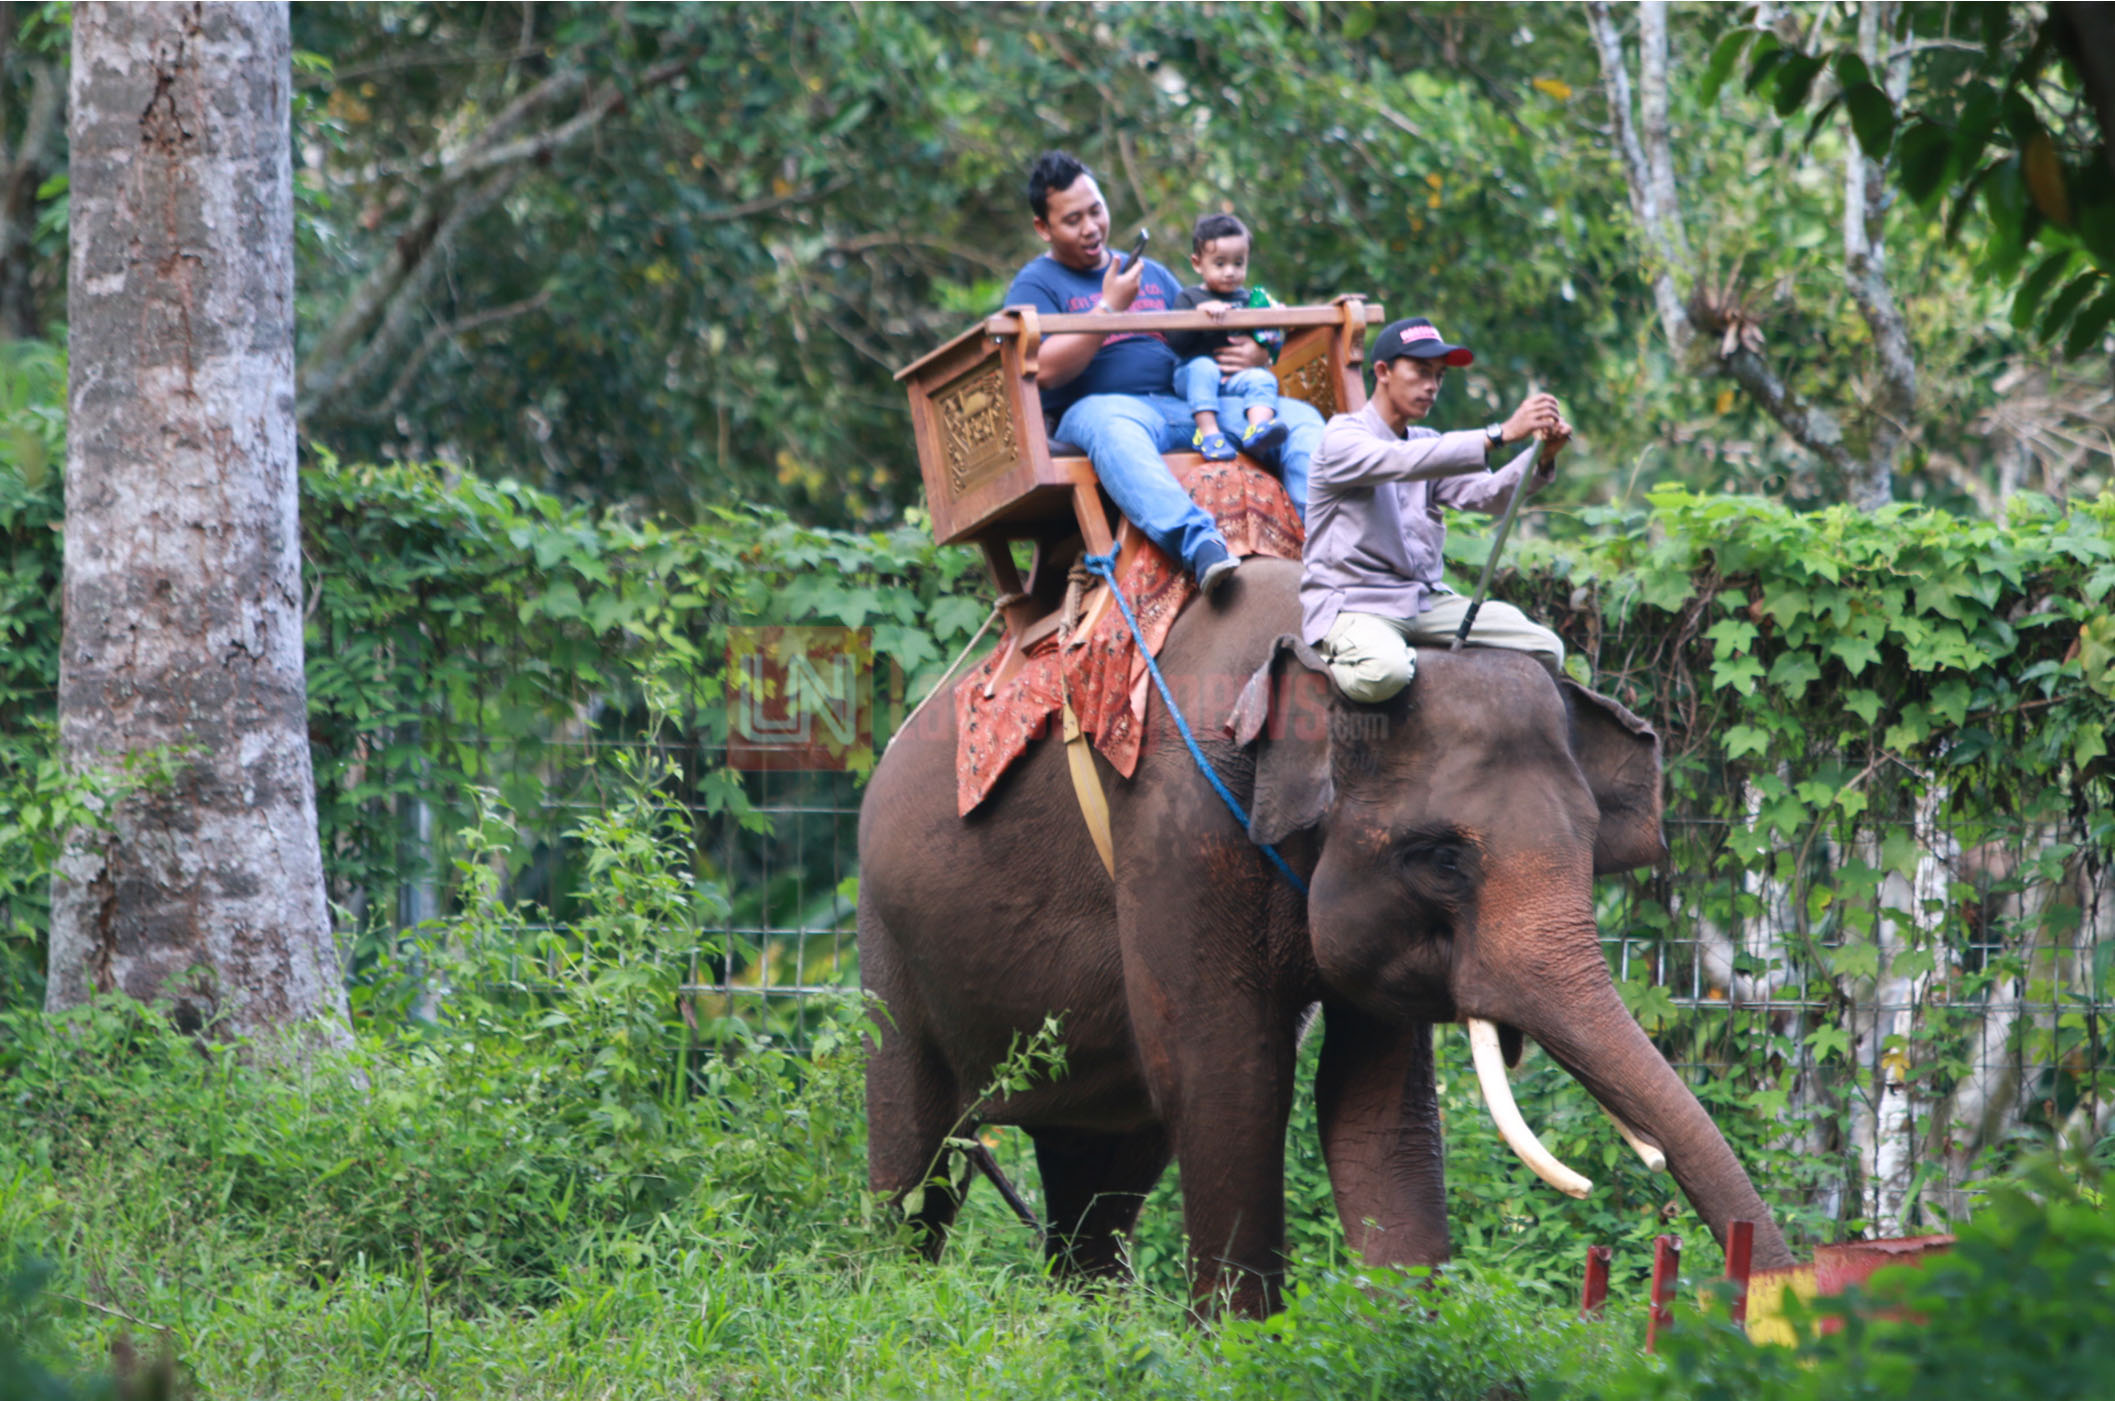 Pengunjung menikmati hiburan menaiki gajah jinak di Taman Wisata Lembah Hijau, Senin (1/1). Menunggang gajah masih menjadi favorit wisatawan yang datang mengunjungi Lampung pada libur panjang Natal dan Tahun Baru 2018. (Lampungnews.com/El Shinta)